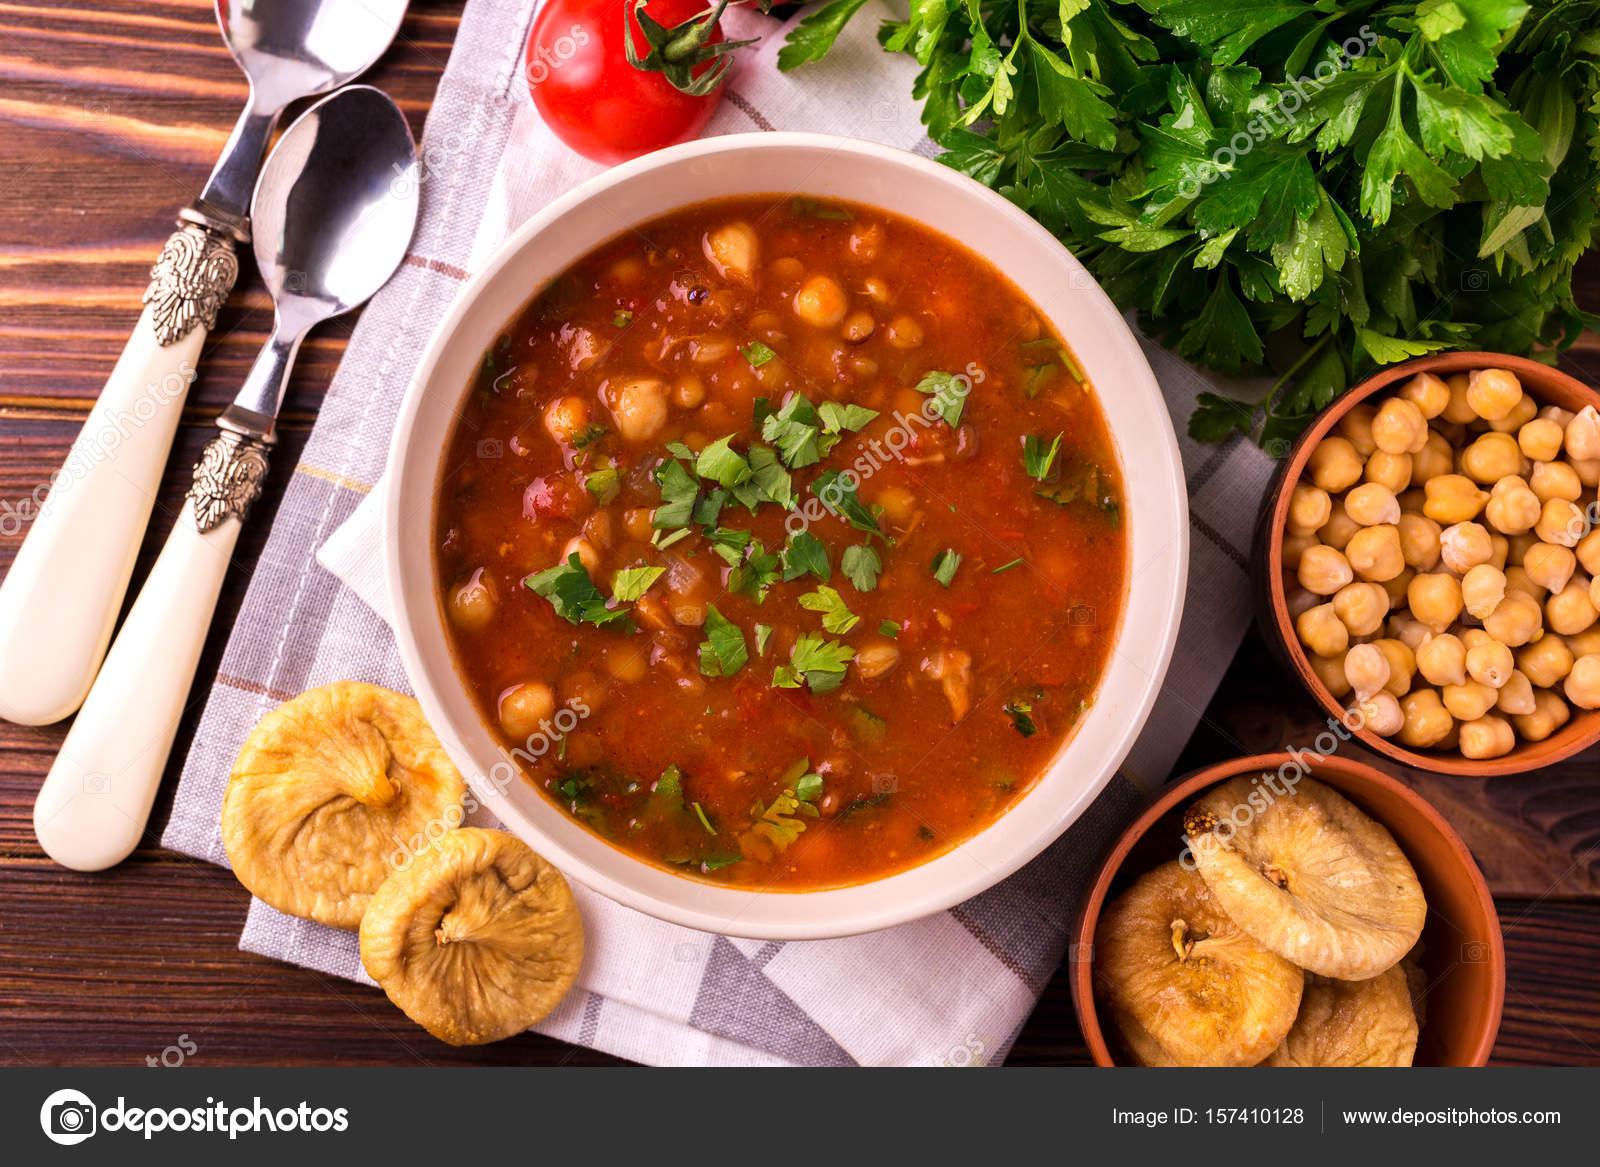 Jüdische Küche   Harira Suppe Mit Feigen Ramadan Essen Traditionelle Judische Kuche